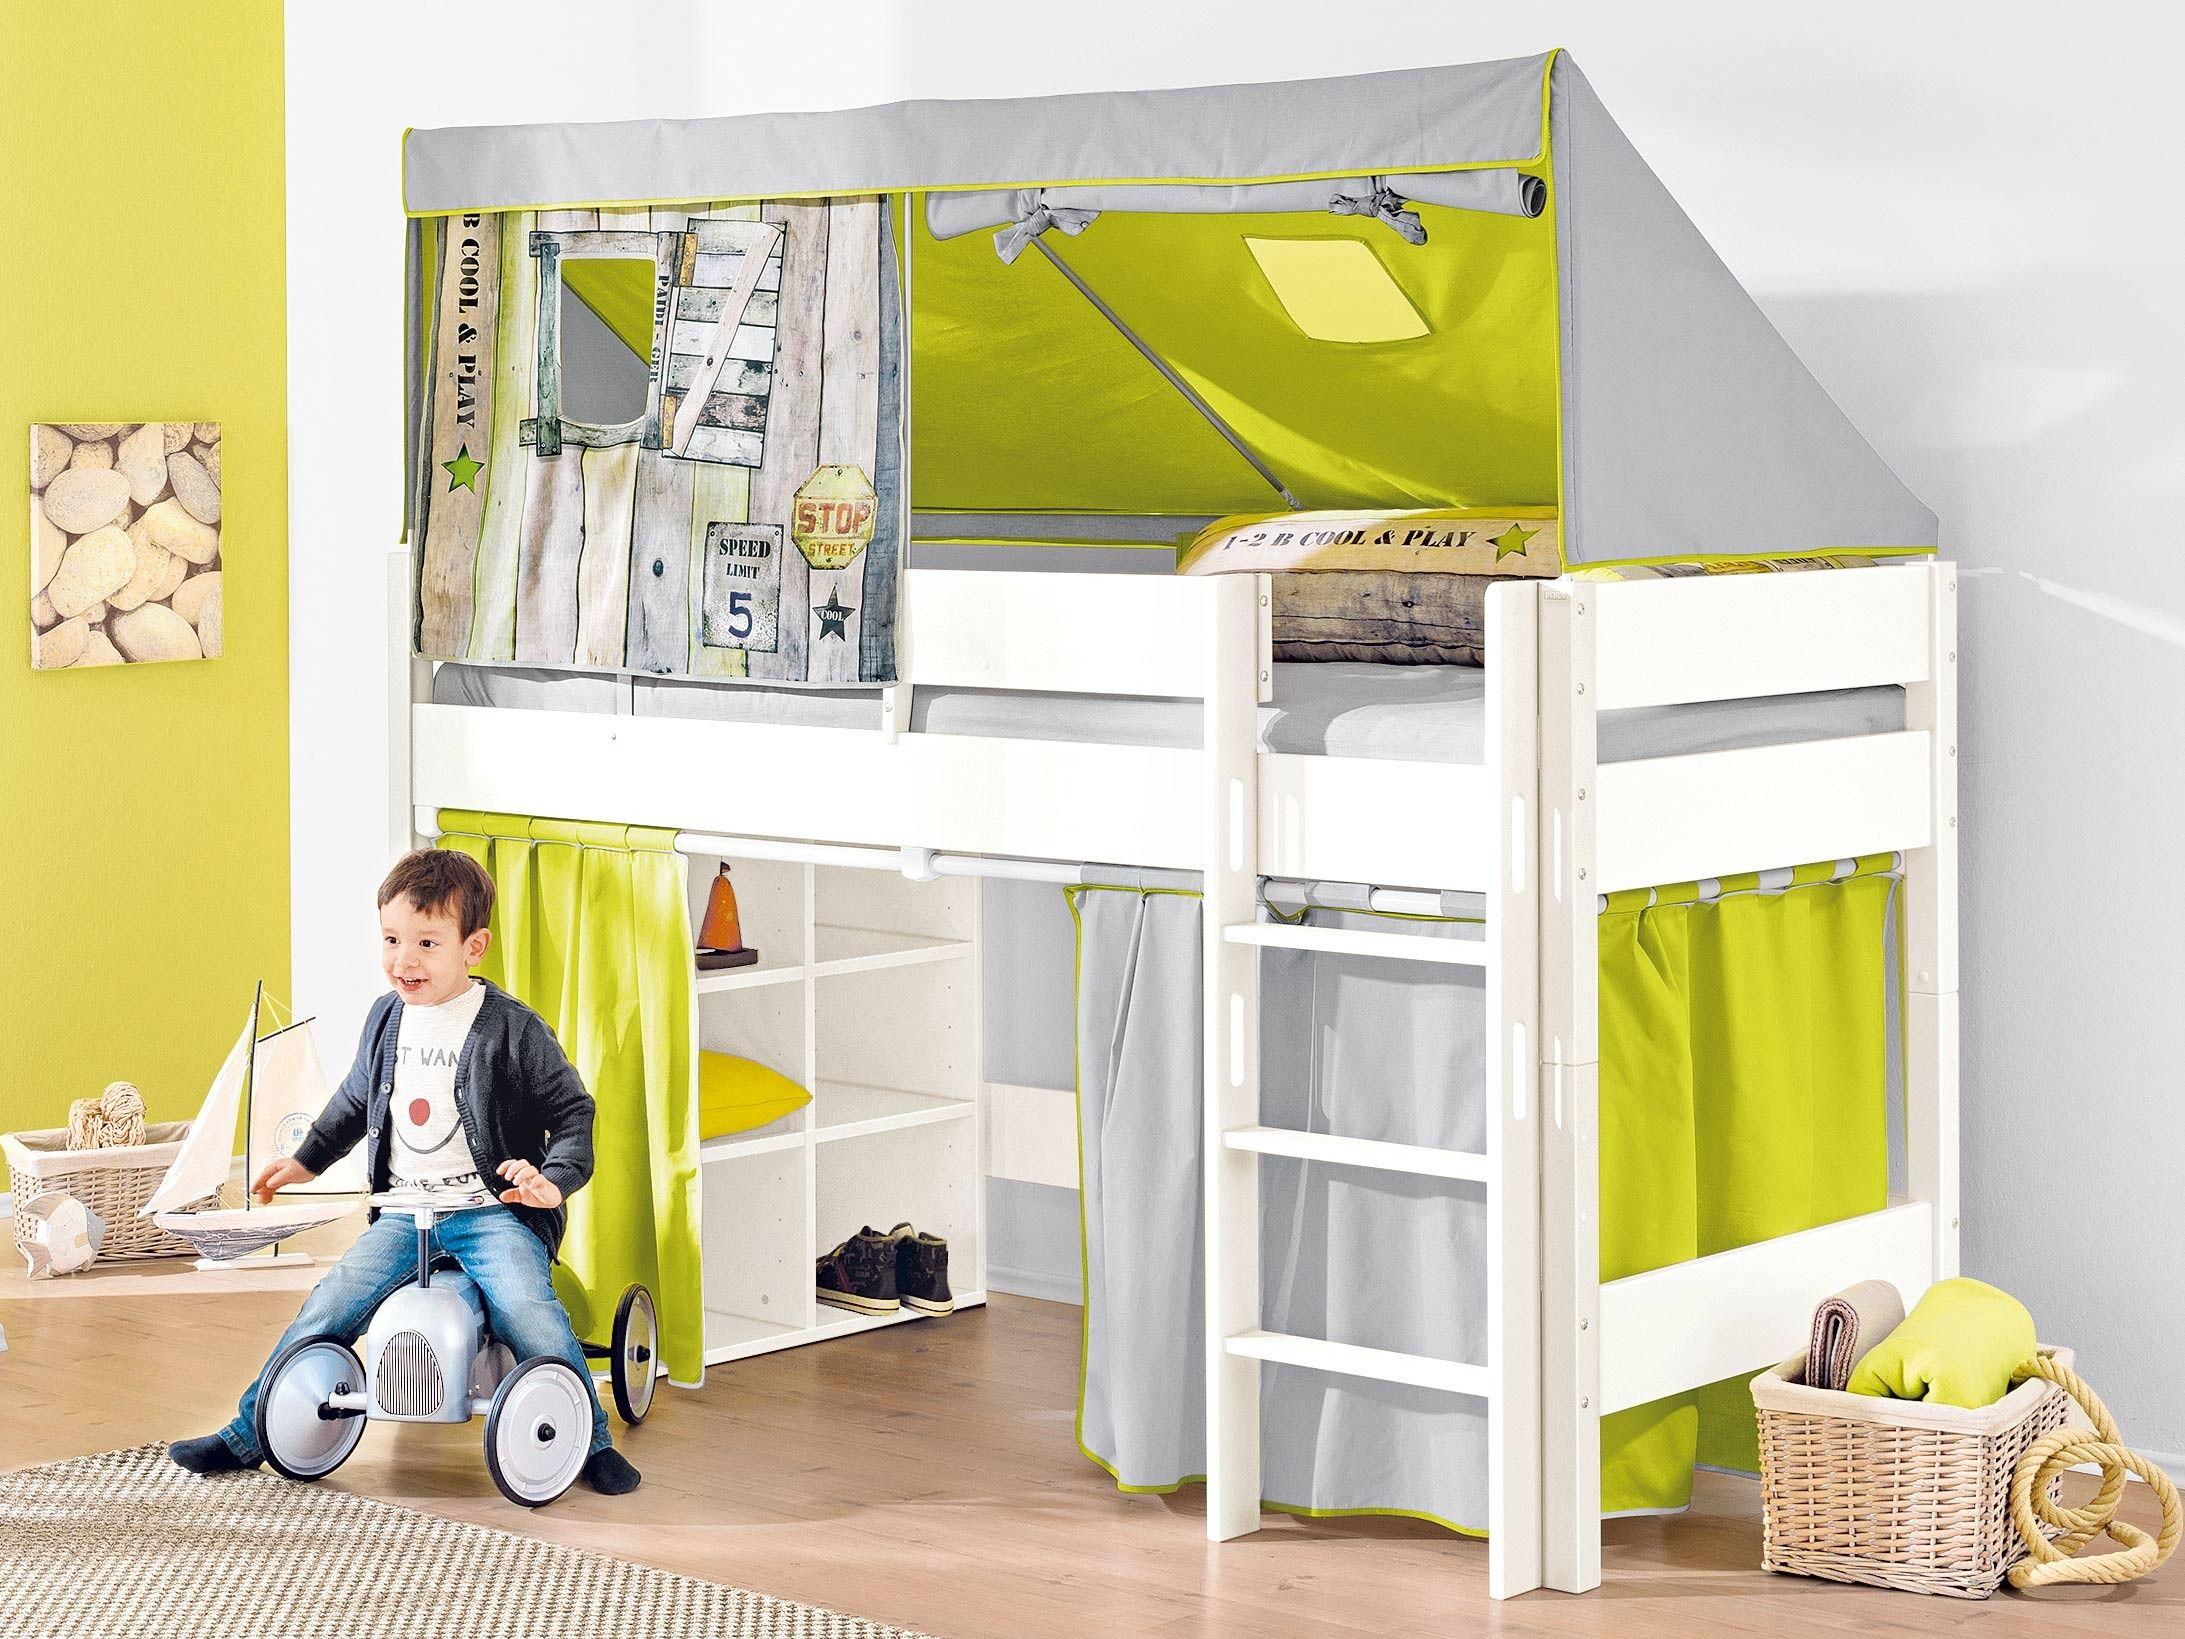 Spectacular Spielbett Biano in wei Dekor von PAIDI und Betten u Hochbetten g nstig online kaufen im Einrichtungs KinderzimmerKaufenBuy